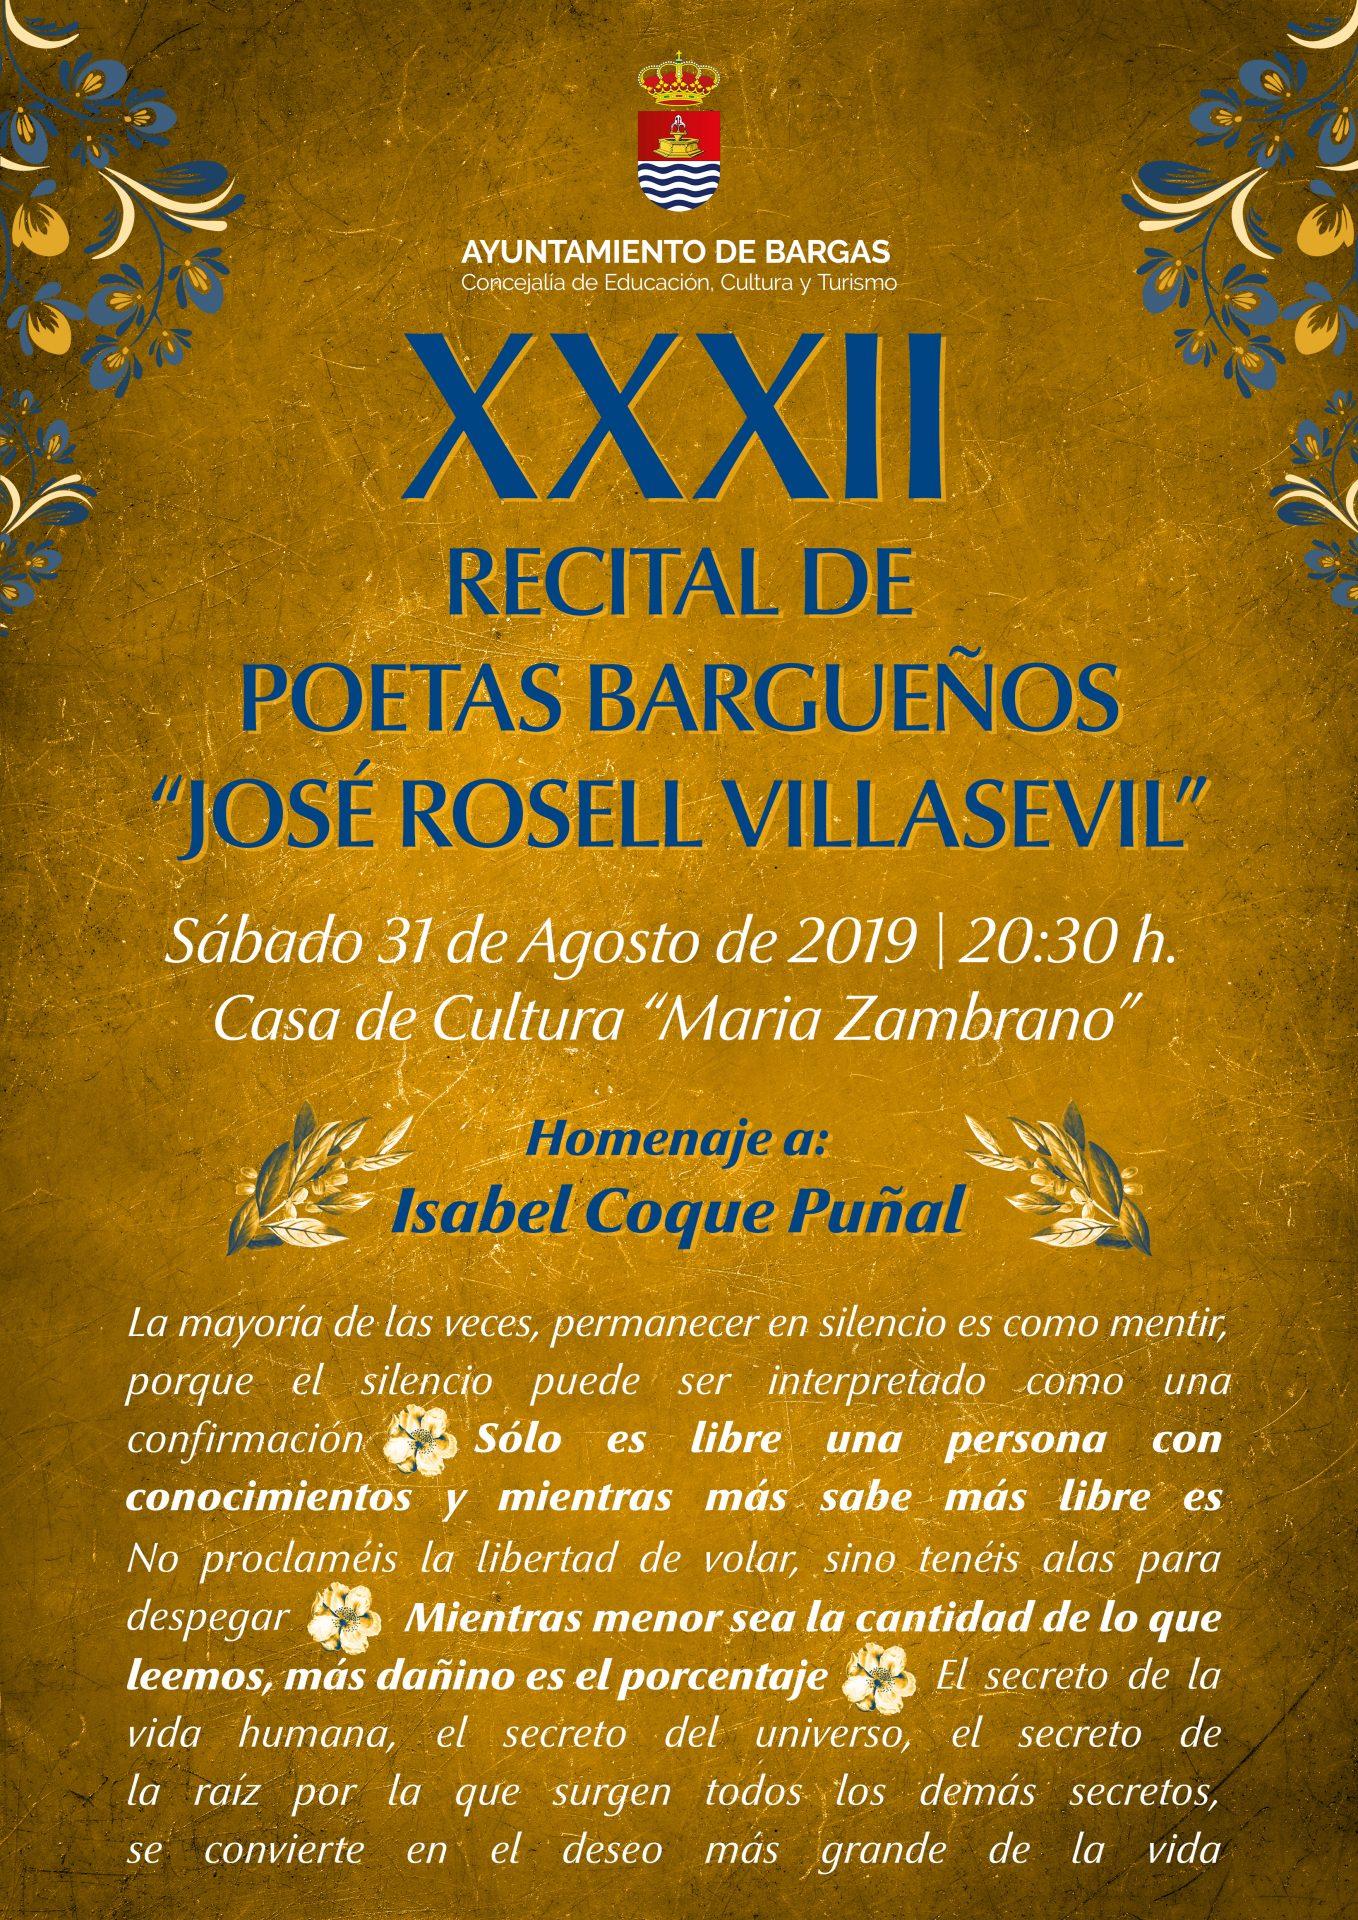 XXXII Recital de Poetas Bargueños